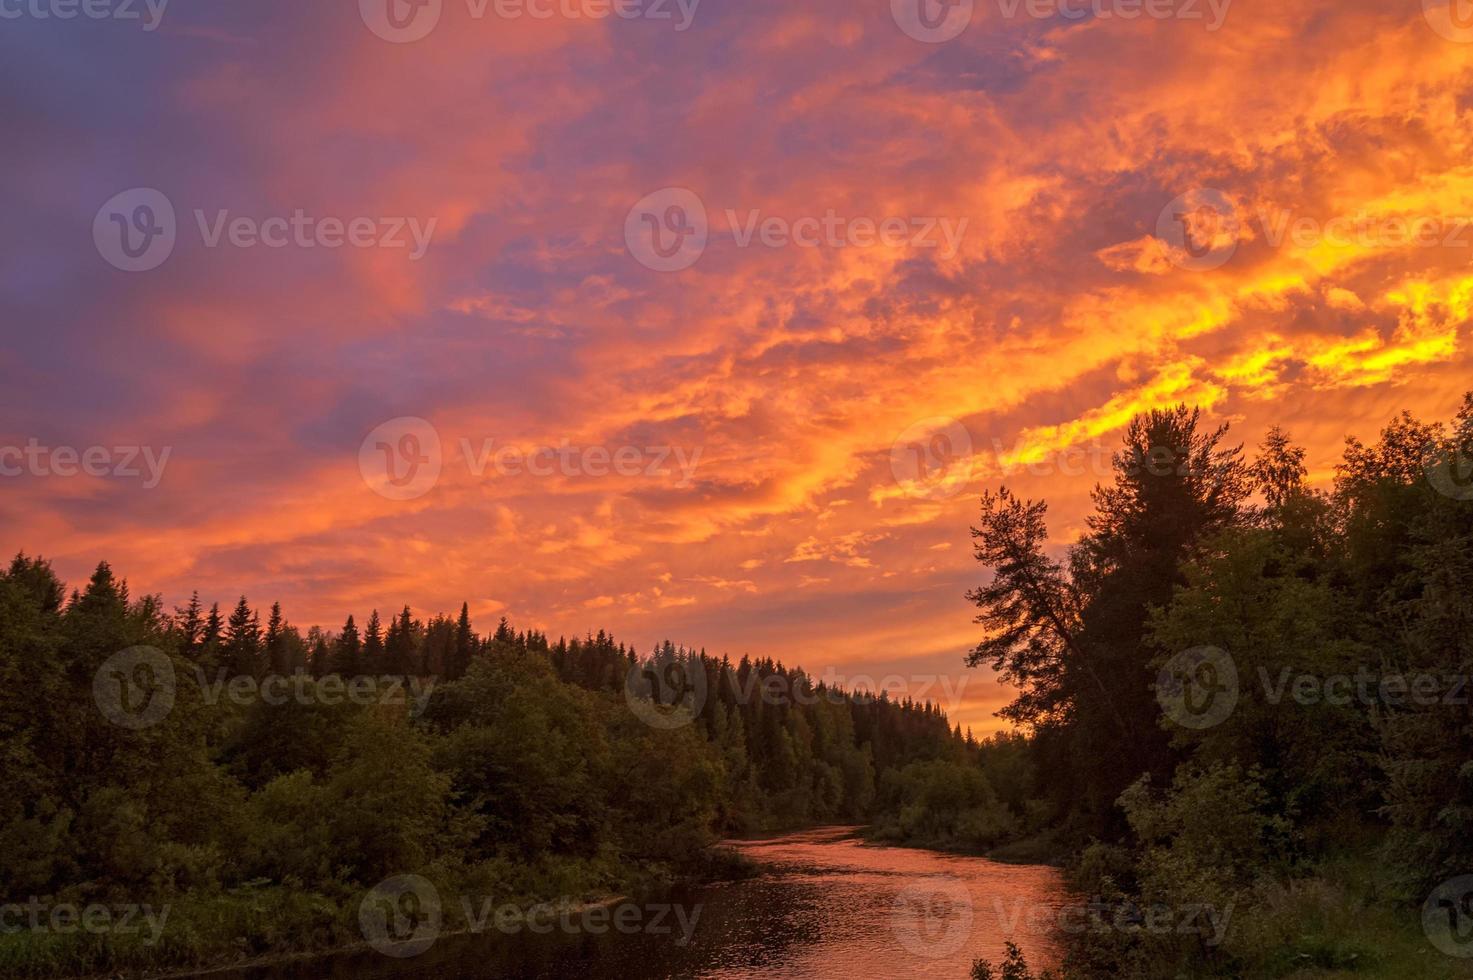 luminoso drammatico tramonto sul fiume con foresta lungo la riva del fiume foto